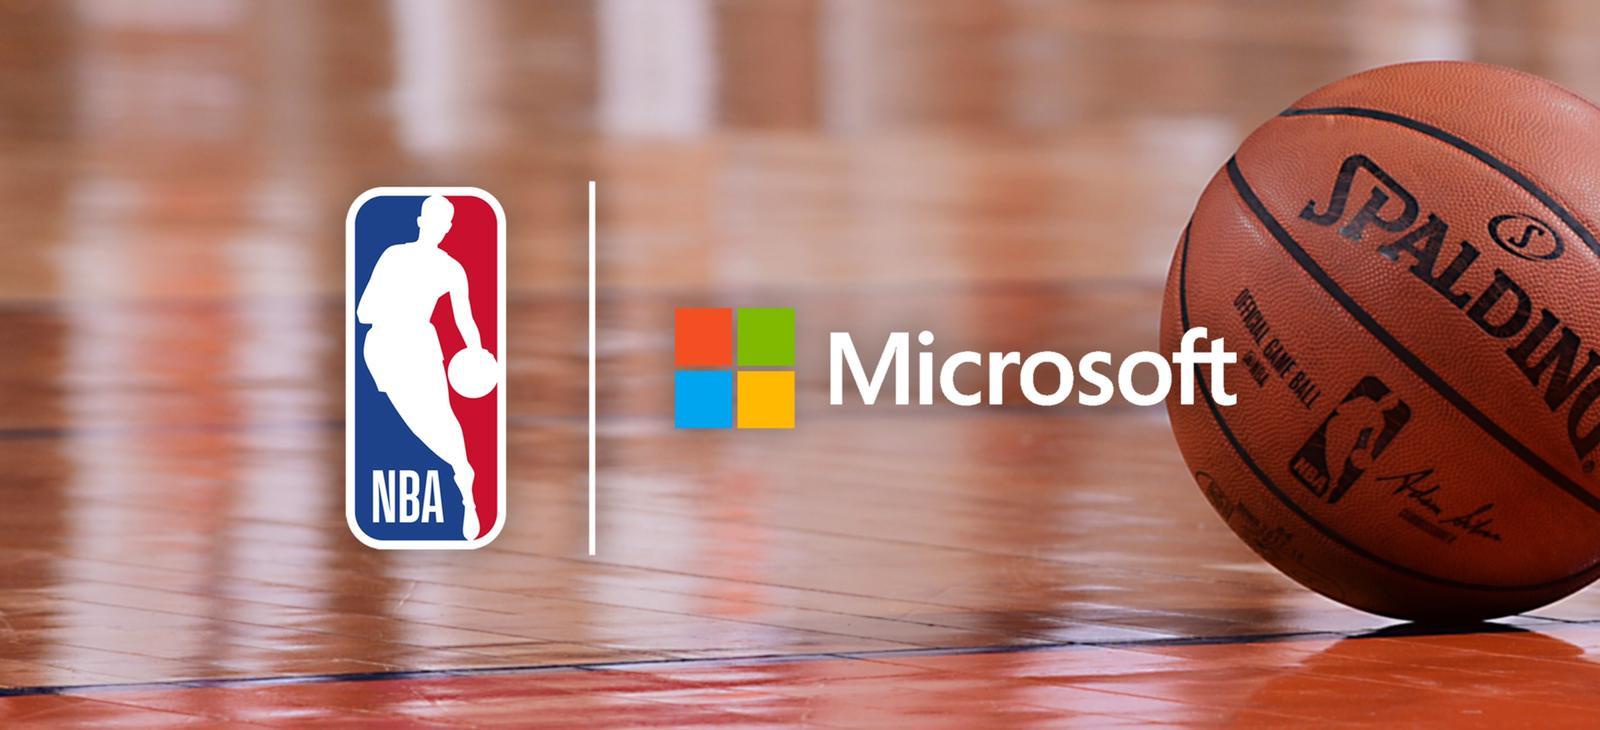 La NBA anuncia un nuevo patrocinio multianual con Microsoft para personalizar y redefinir la experiencia de los aficionados